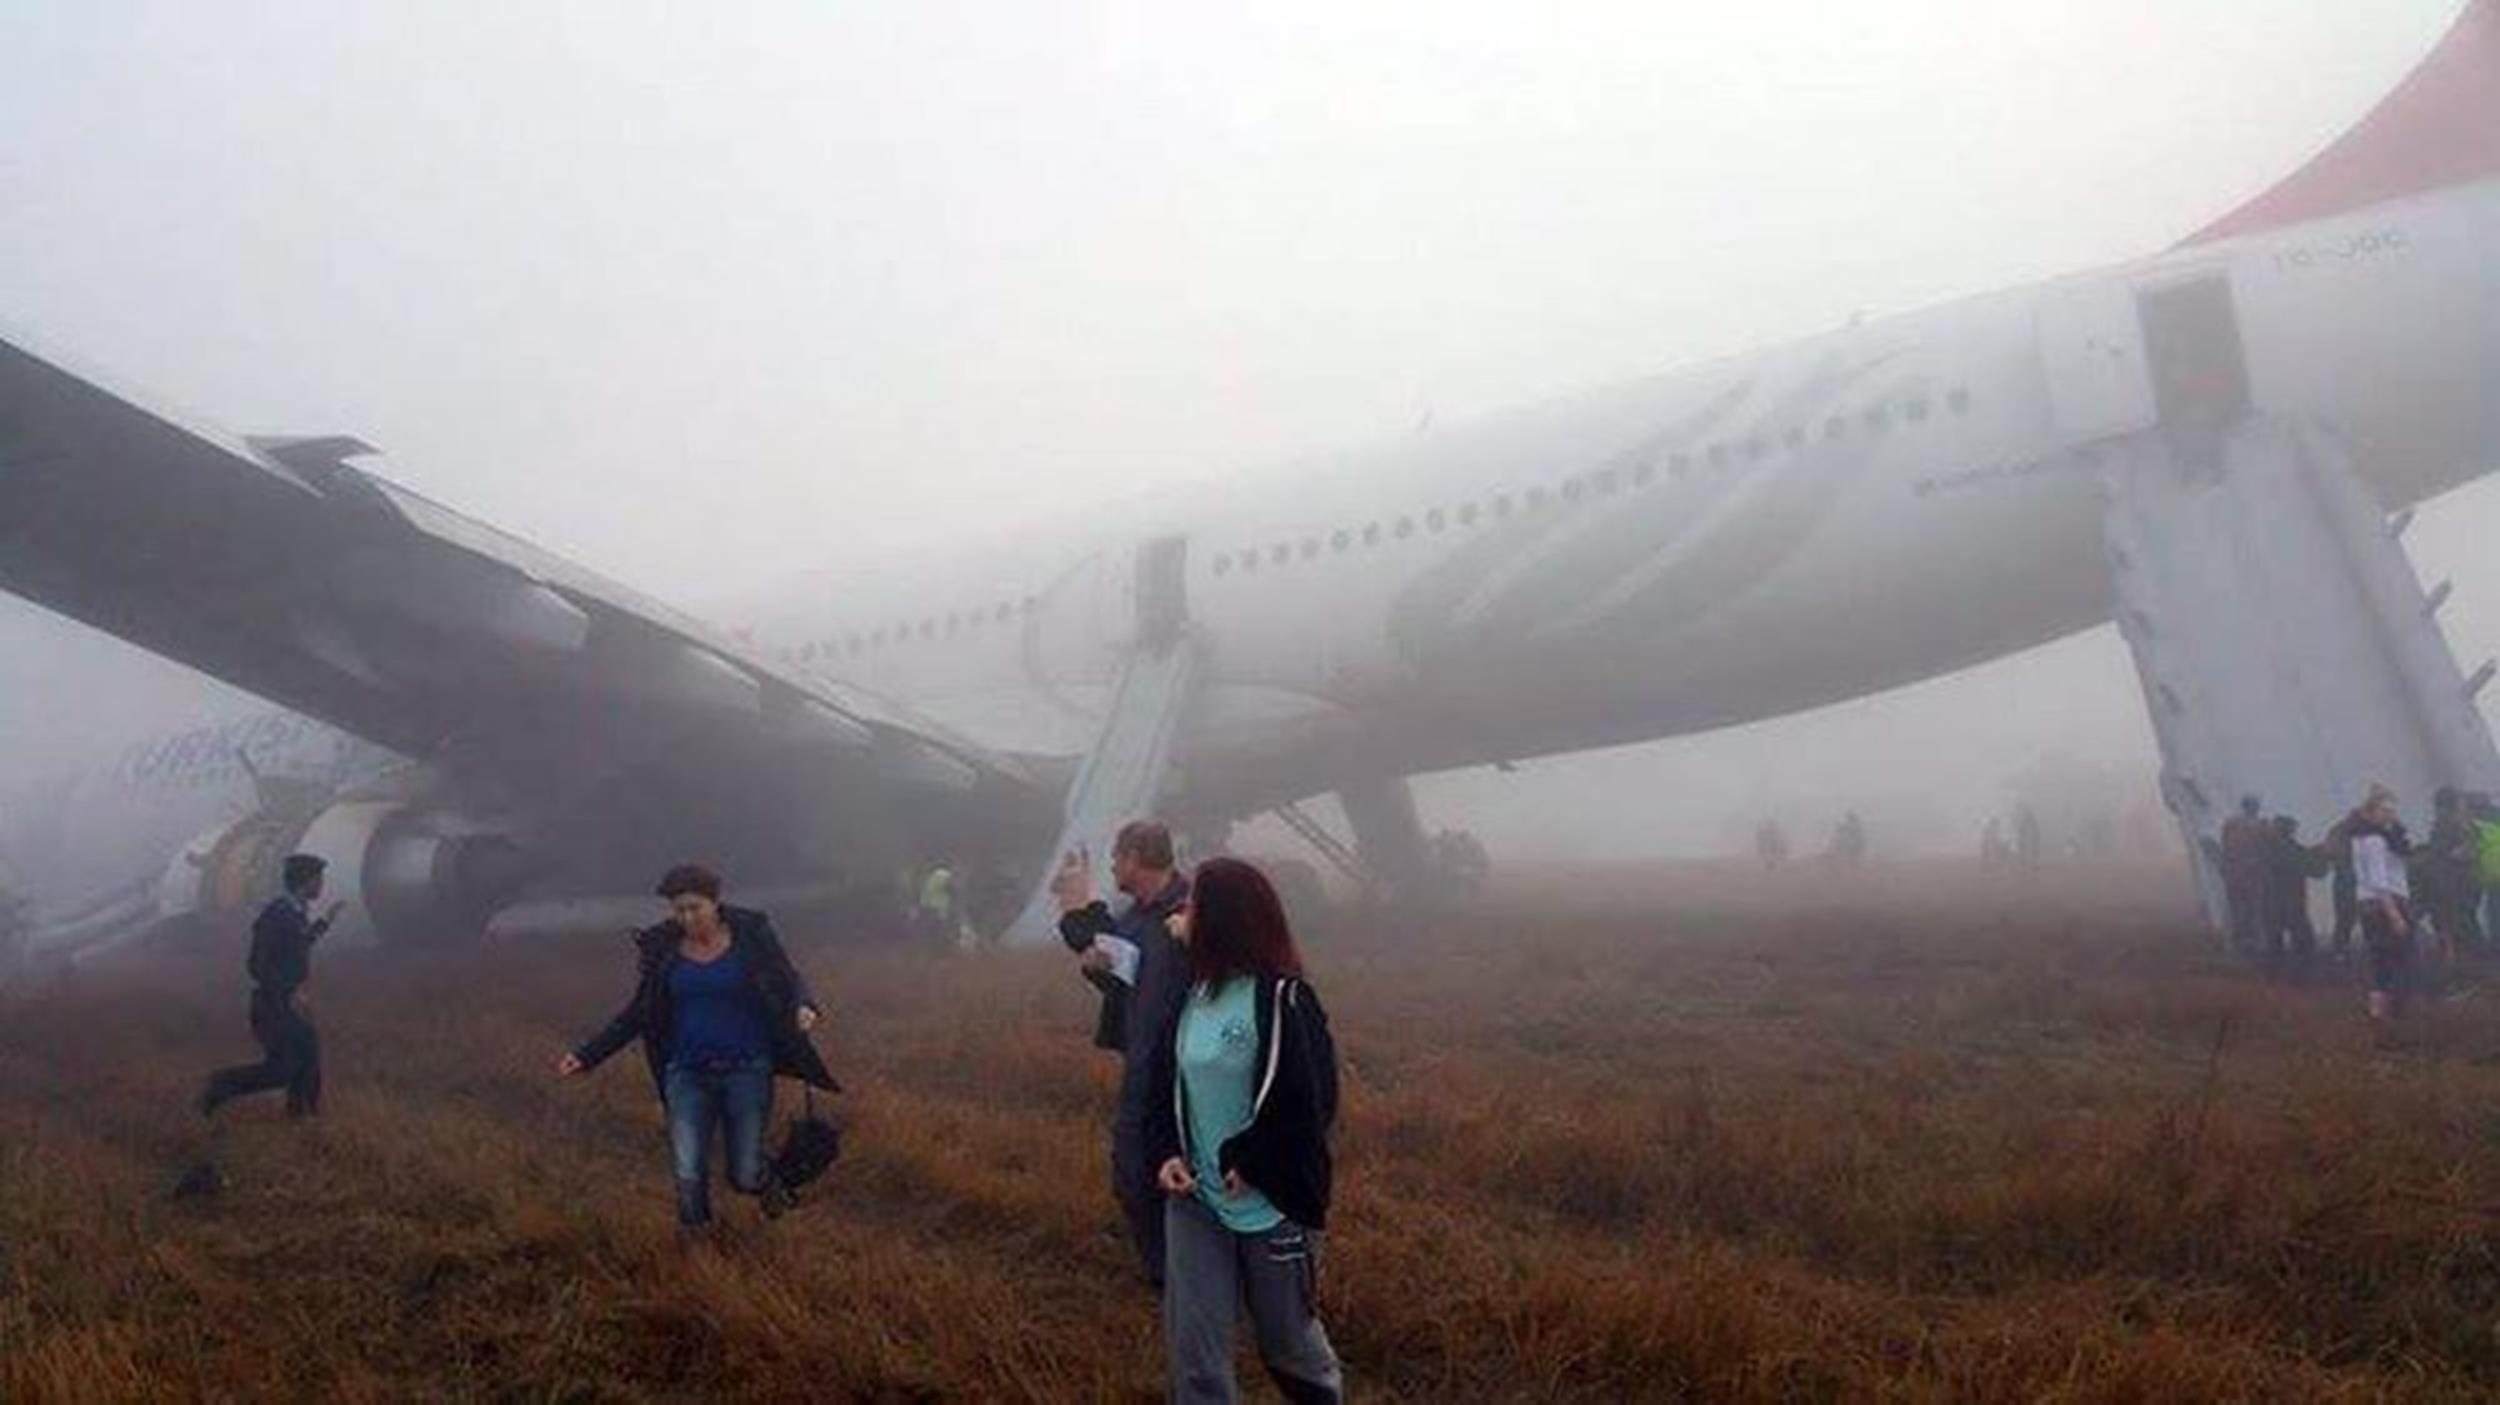 Passenger Jet Skids Off Runway After Foggy Landing